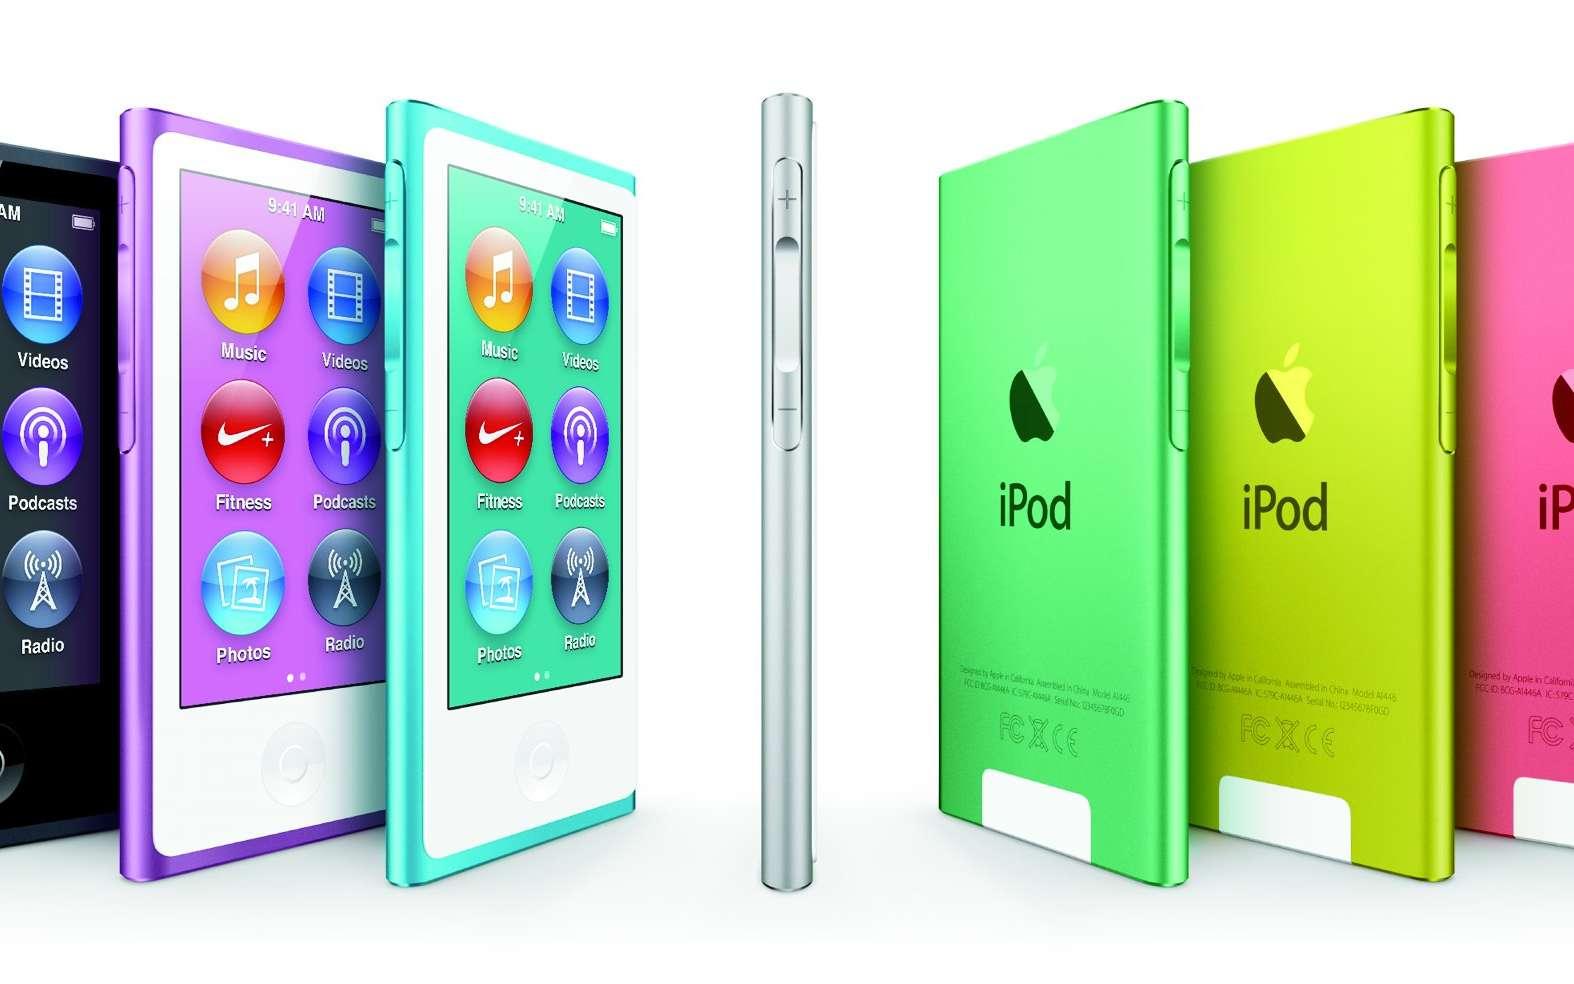 Rupture pour le Nano qui passe d'un format carré à rectangulaire grâce à un écran 2,5 pouces. Ce changement permet notamment de lire les vidéos. © Apple